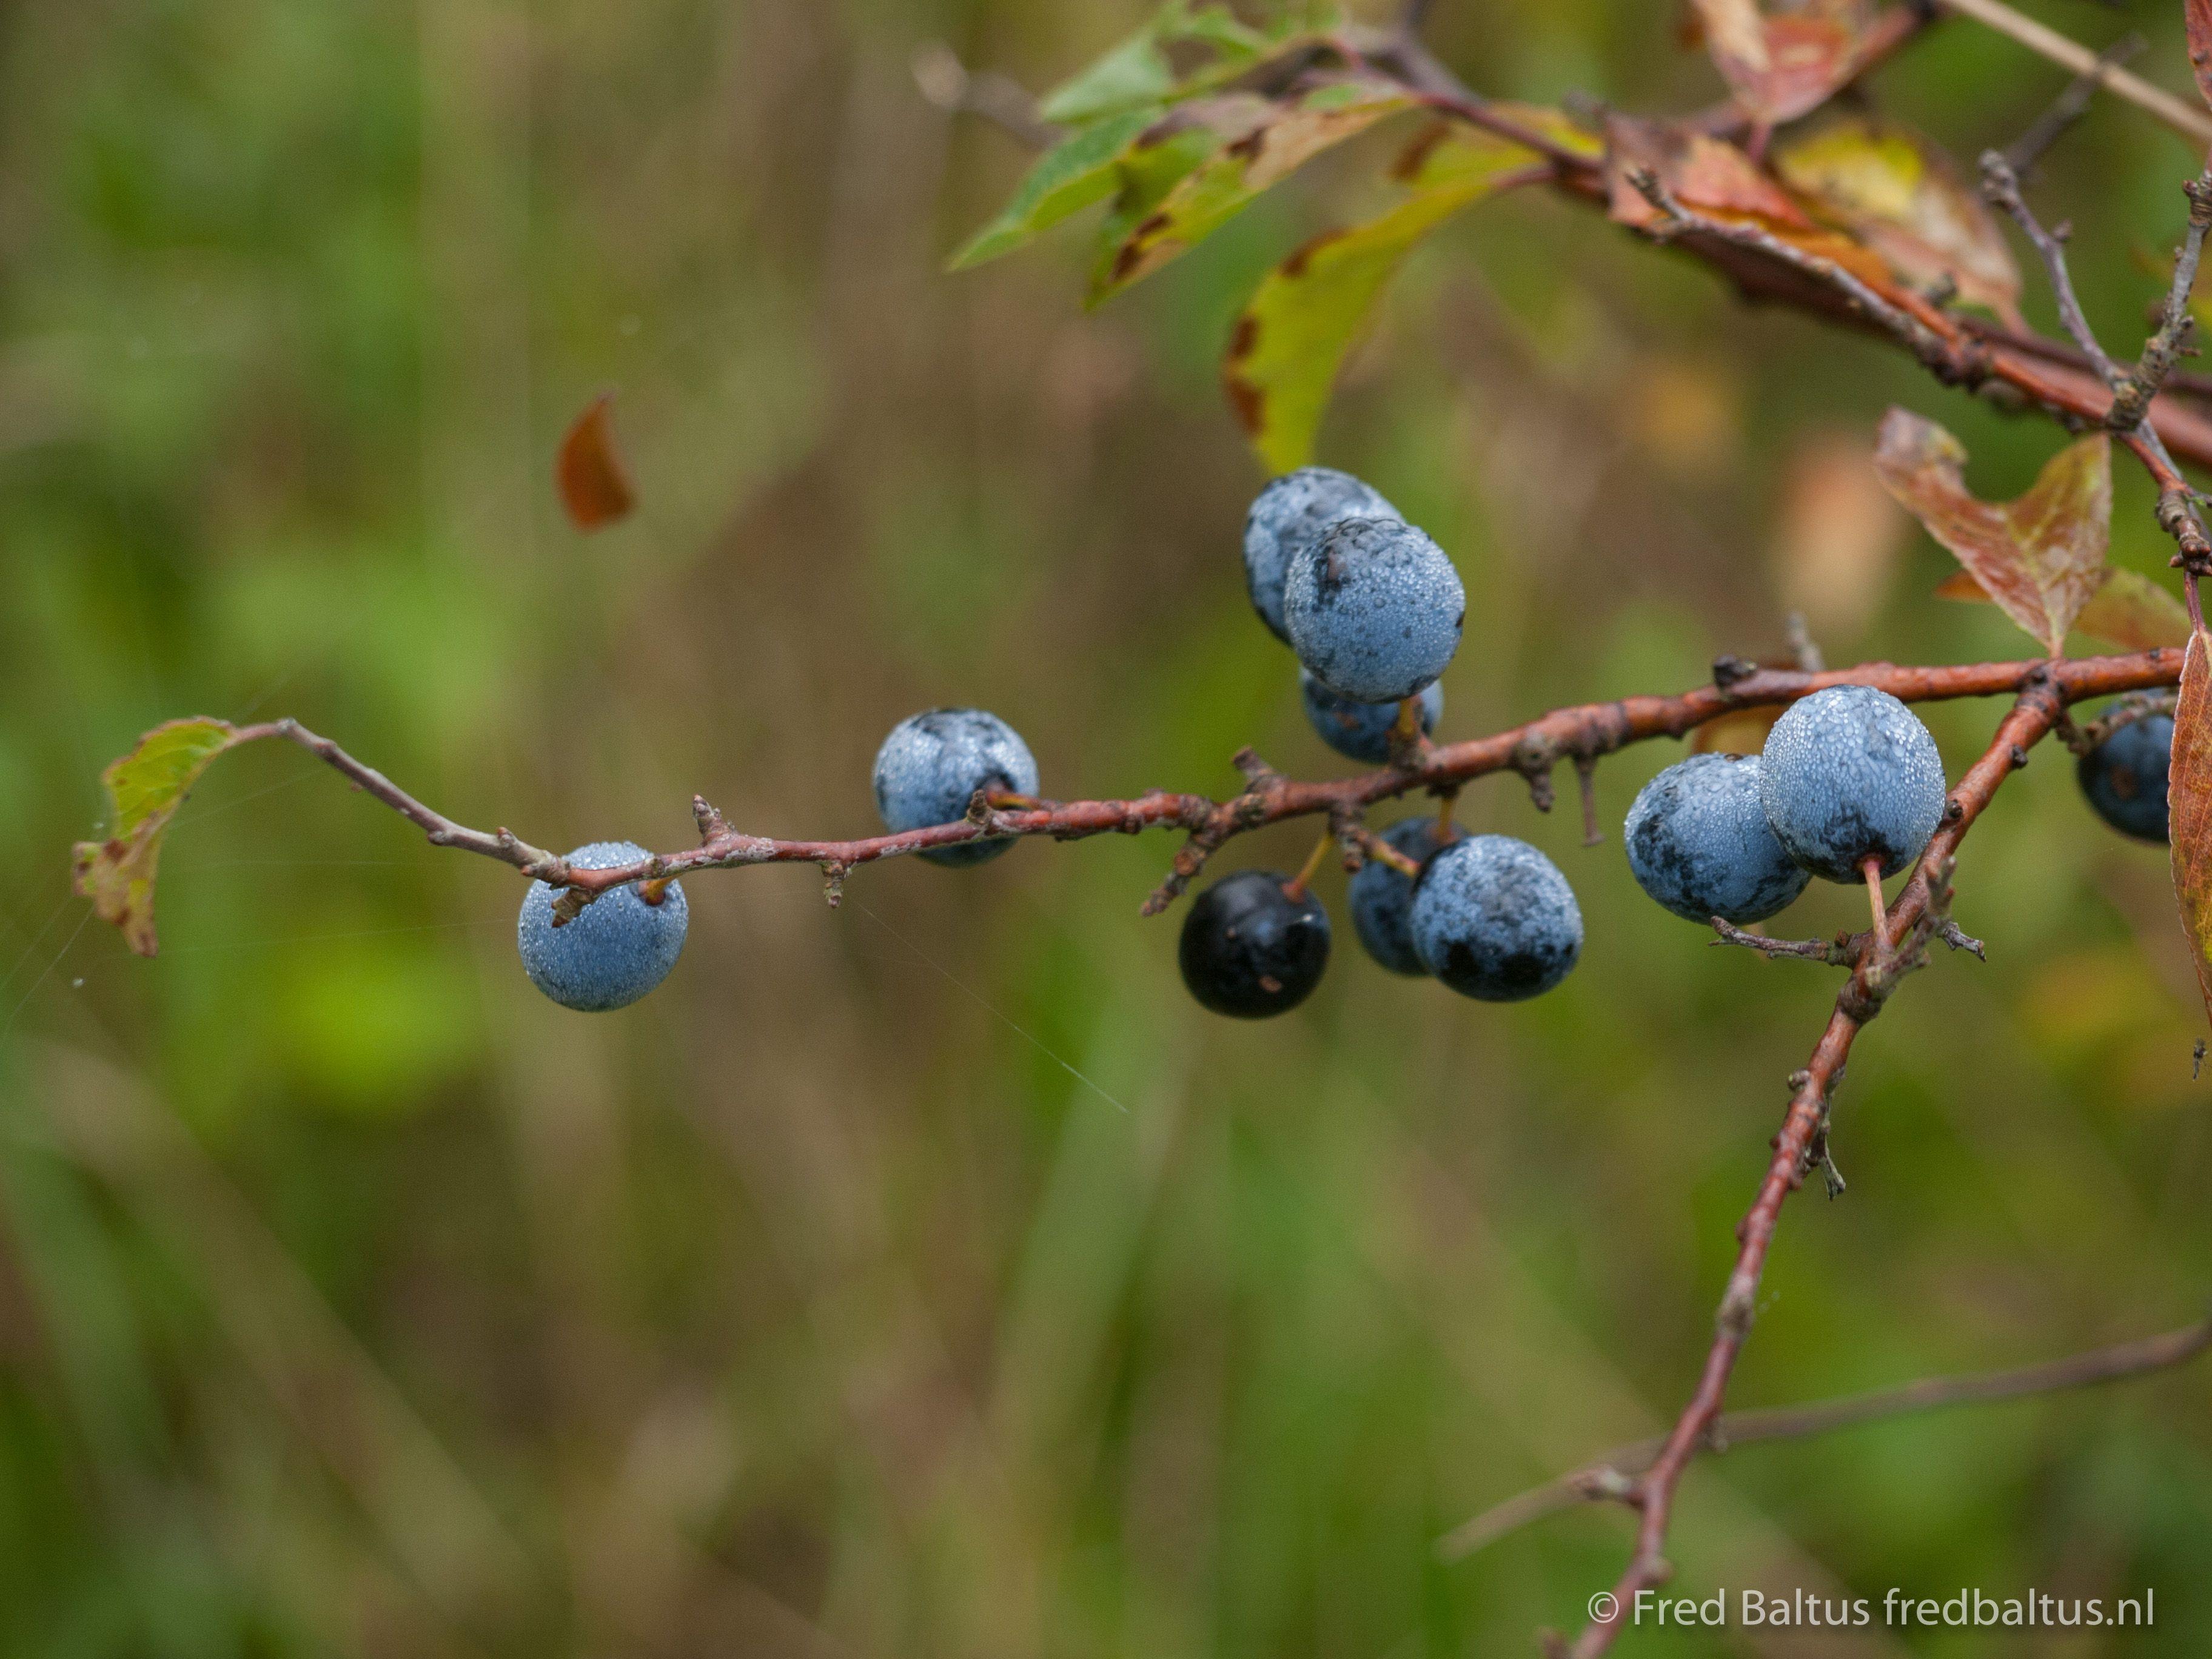 Blue Berrys